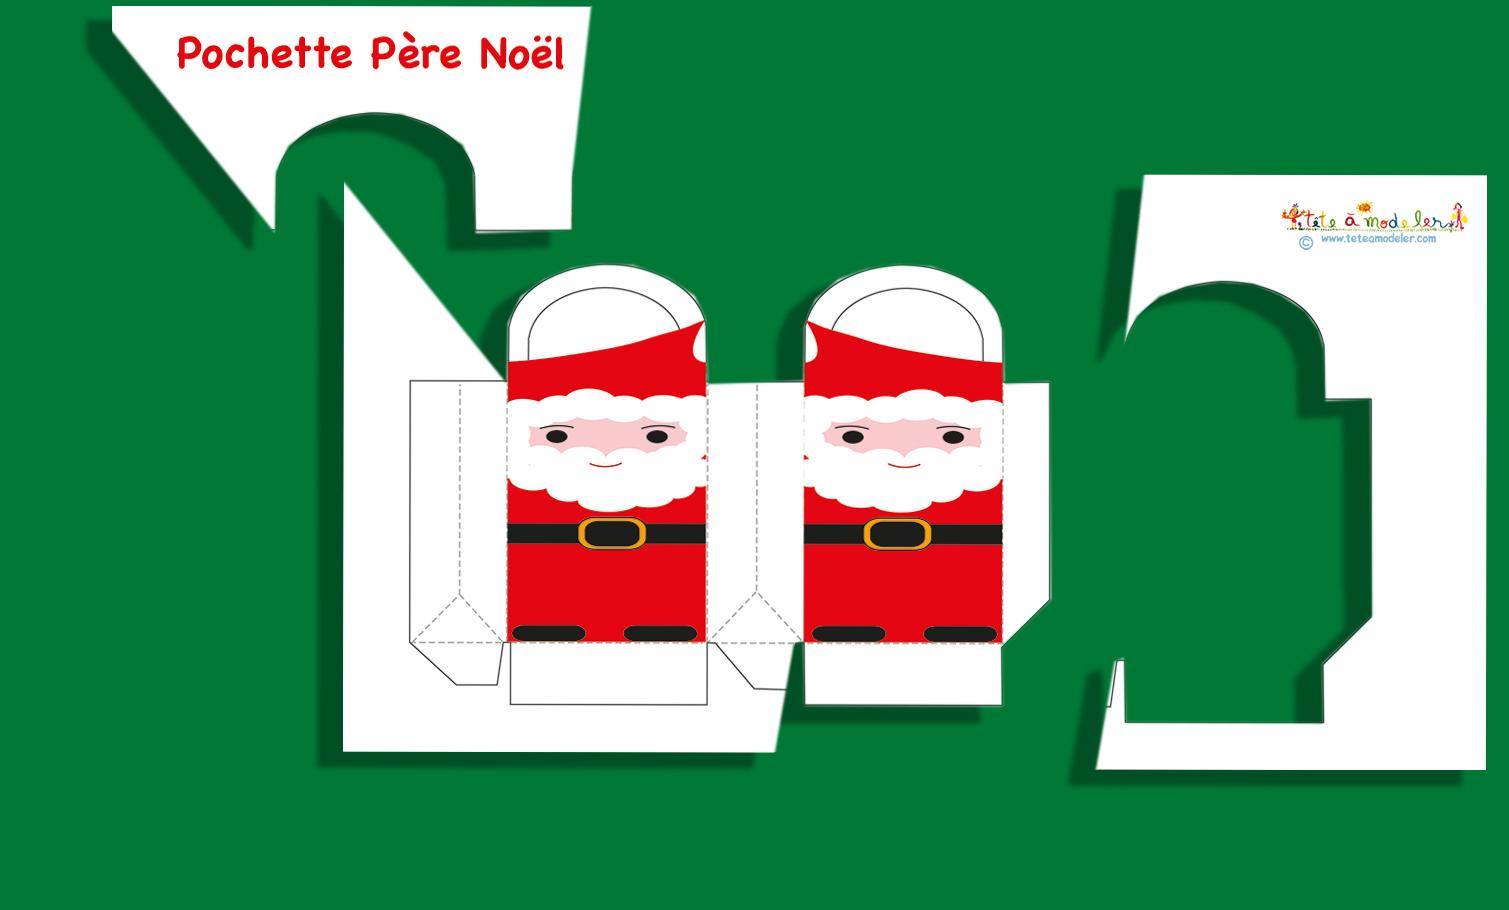 Pochette cadeau p re de no l p re no l sur t te modeler - Tete a modeler noel ...